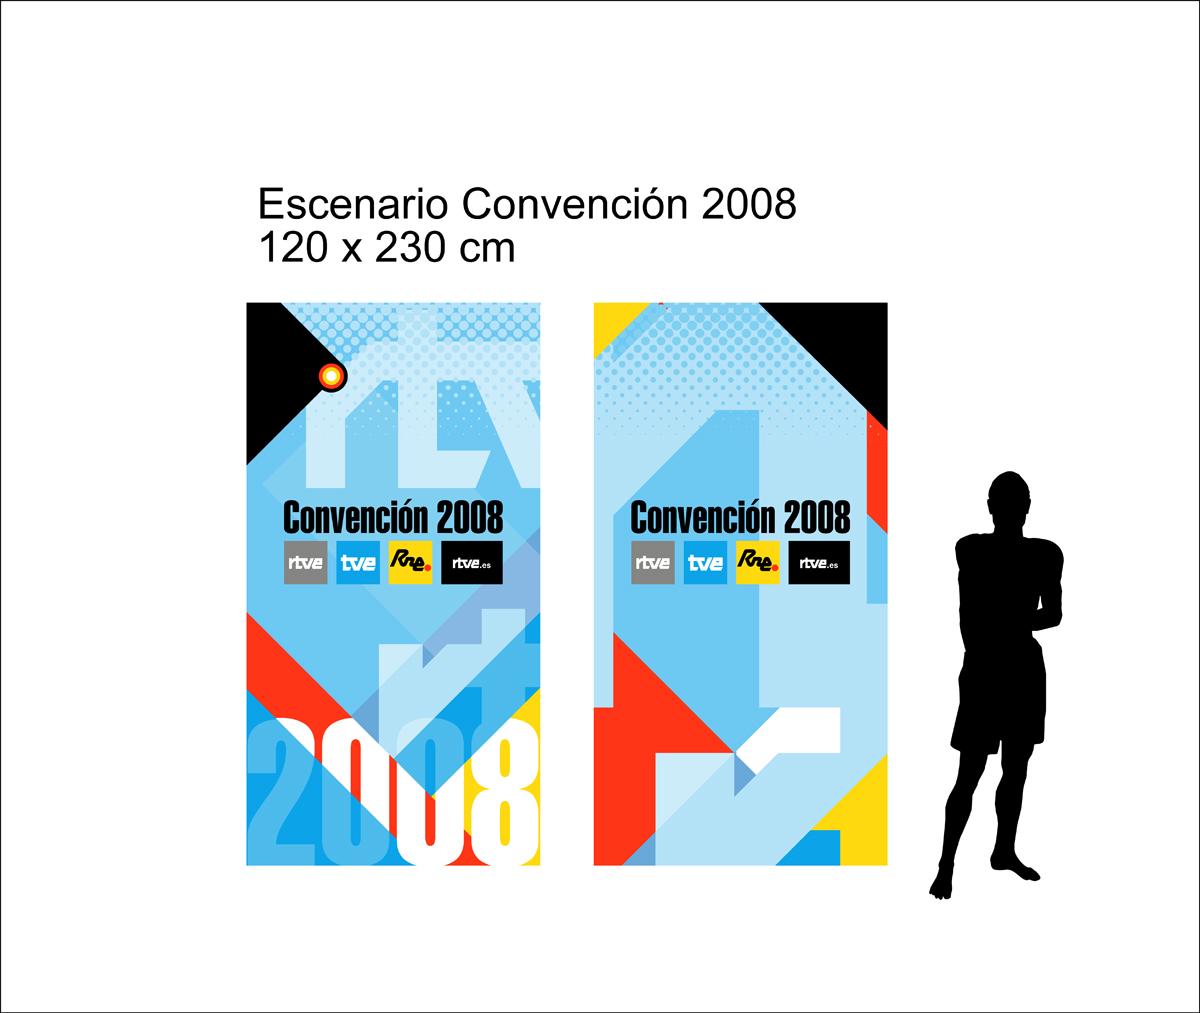 escenario_convencion-08_tve.jpg